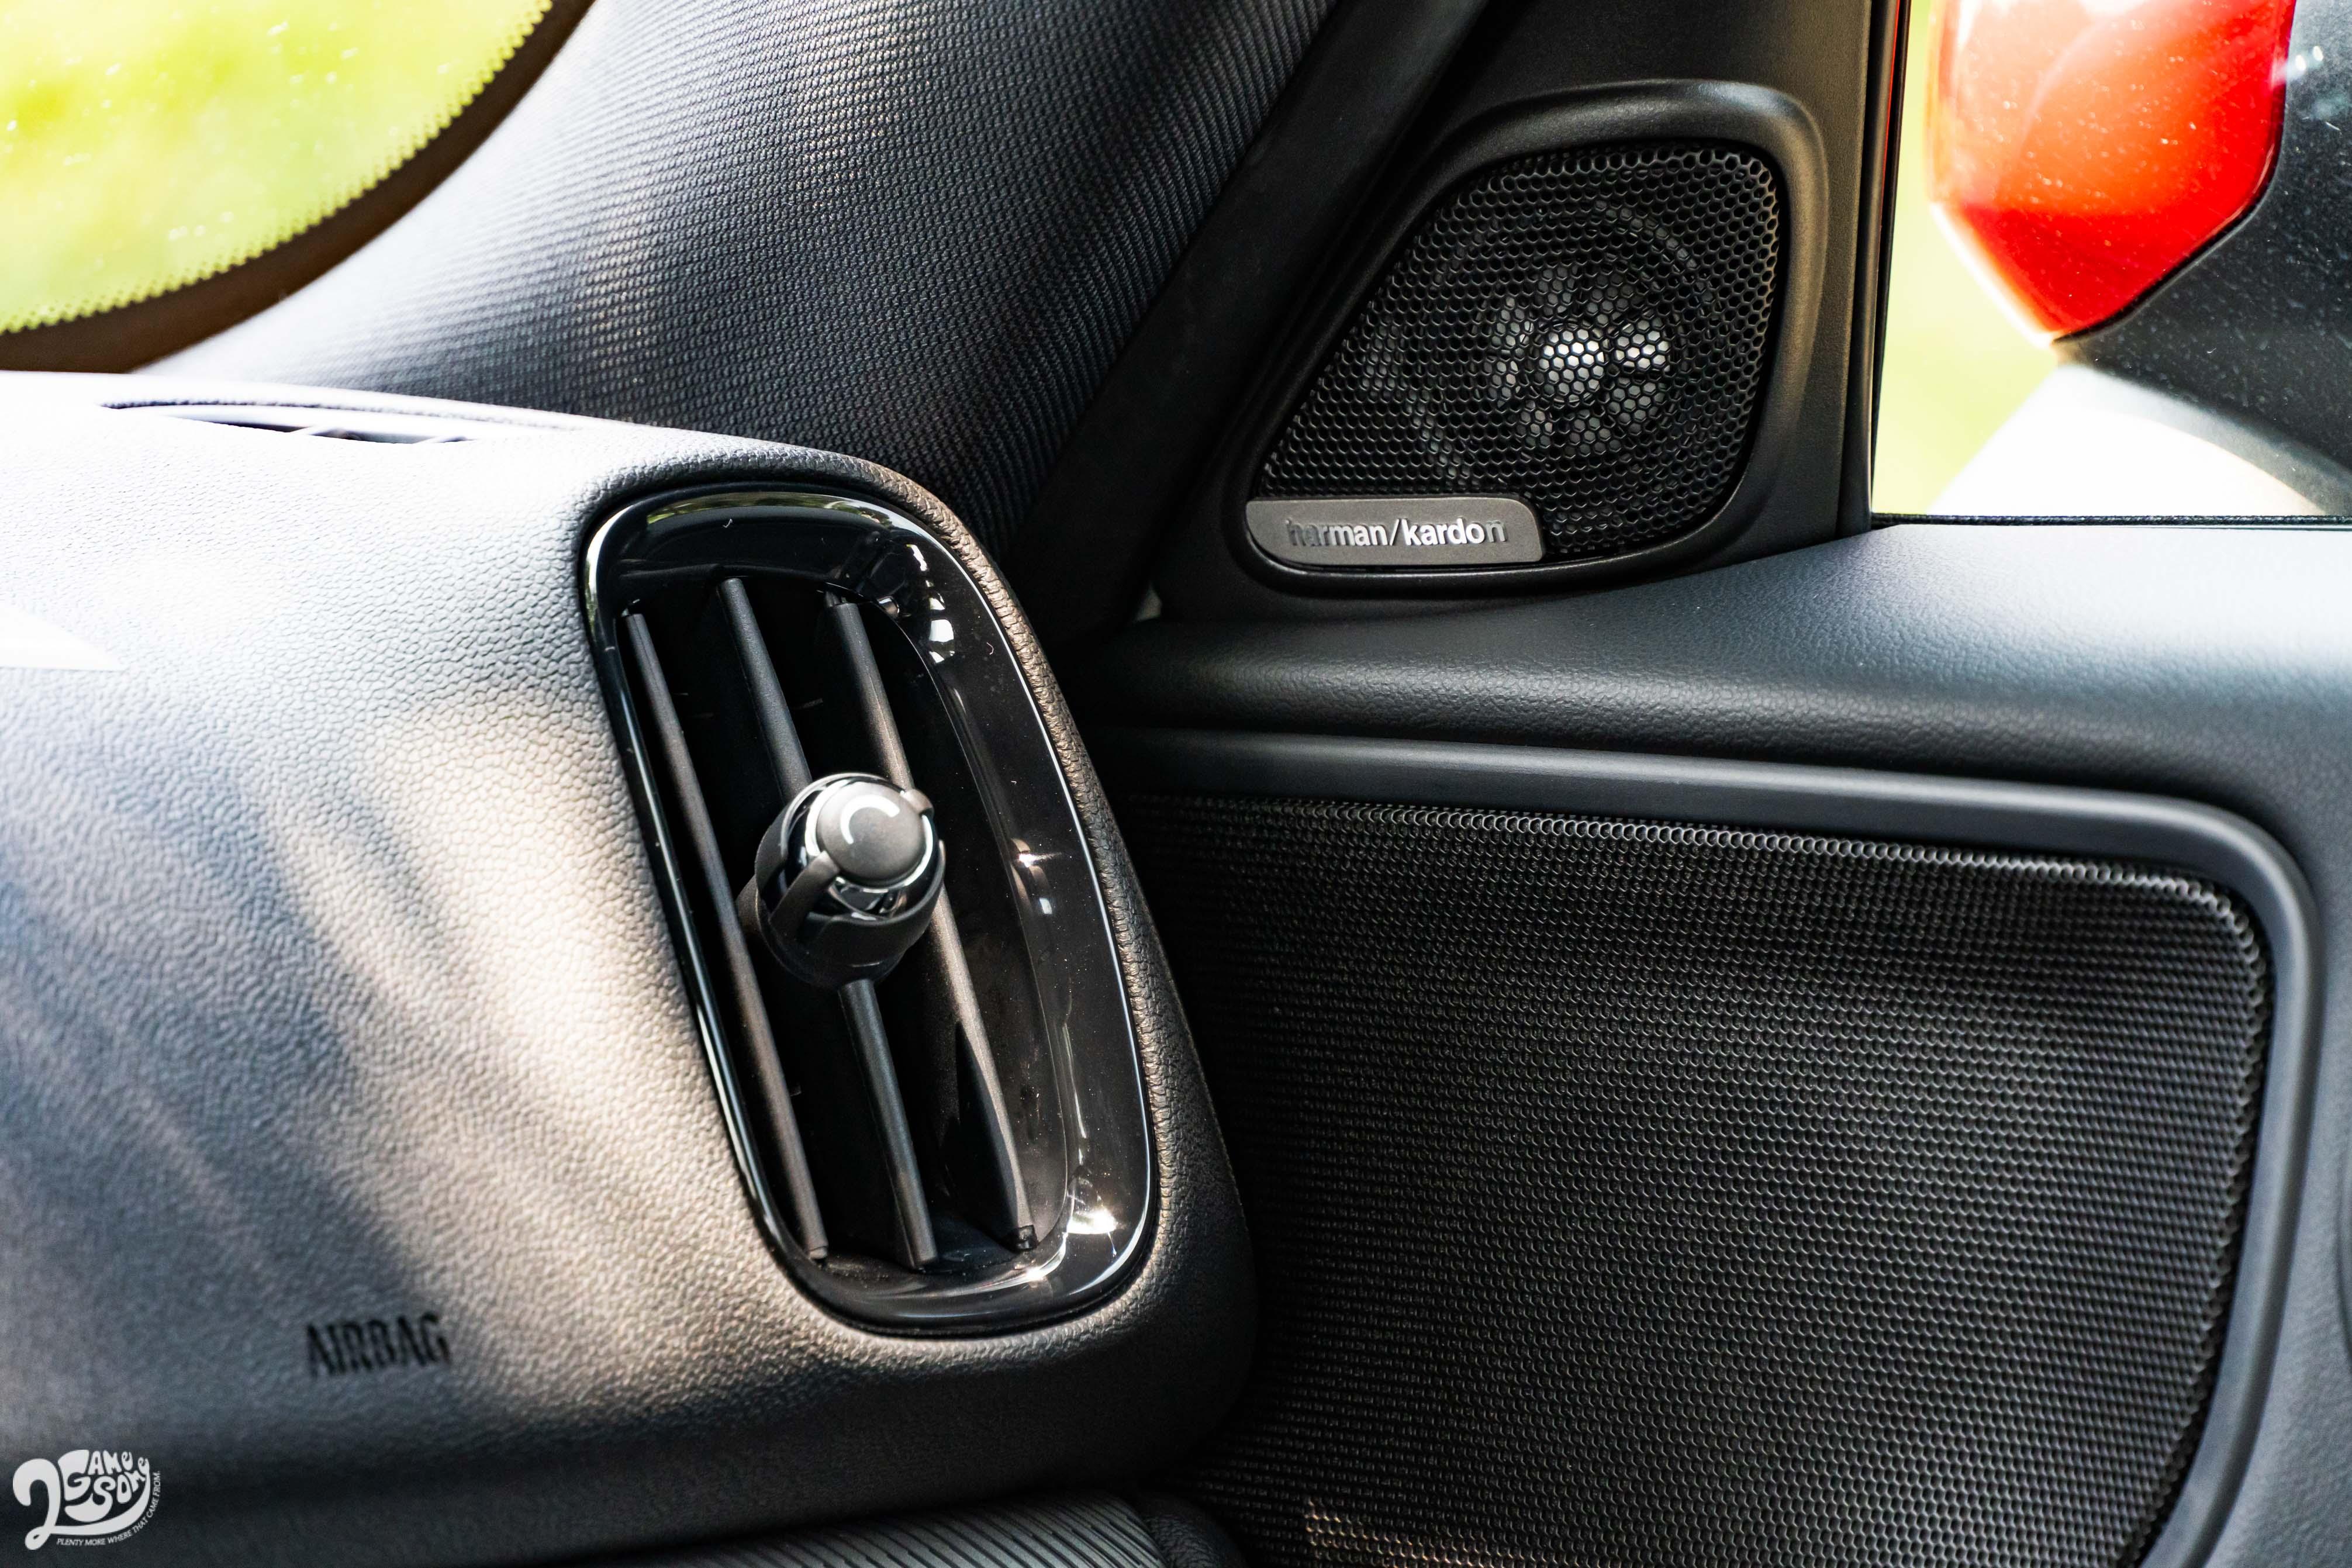 試駕車選配 harman/kardon 音響系統。